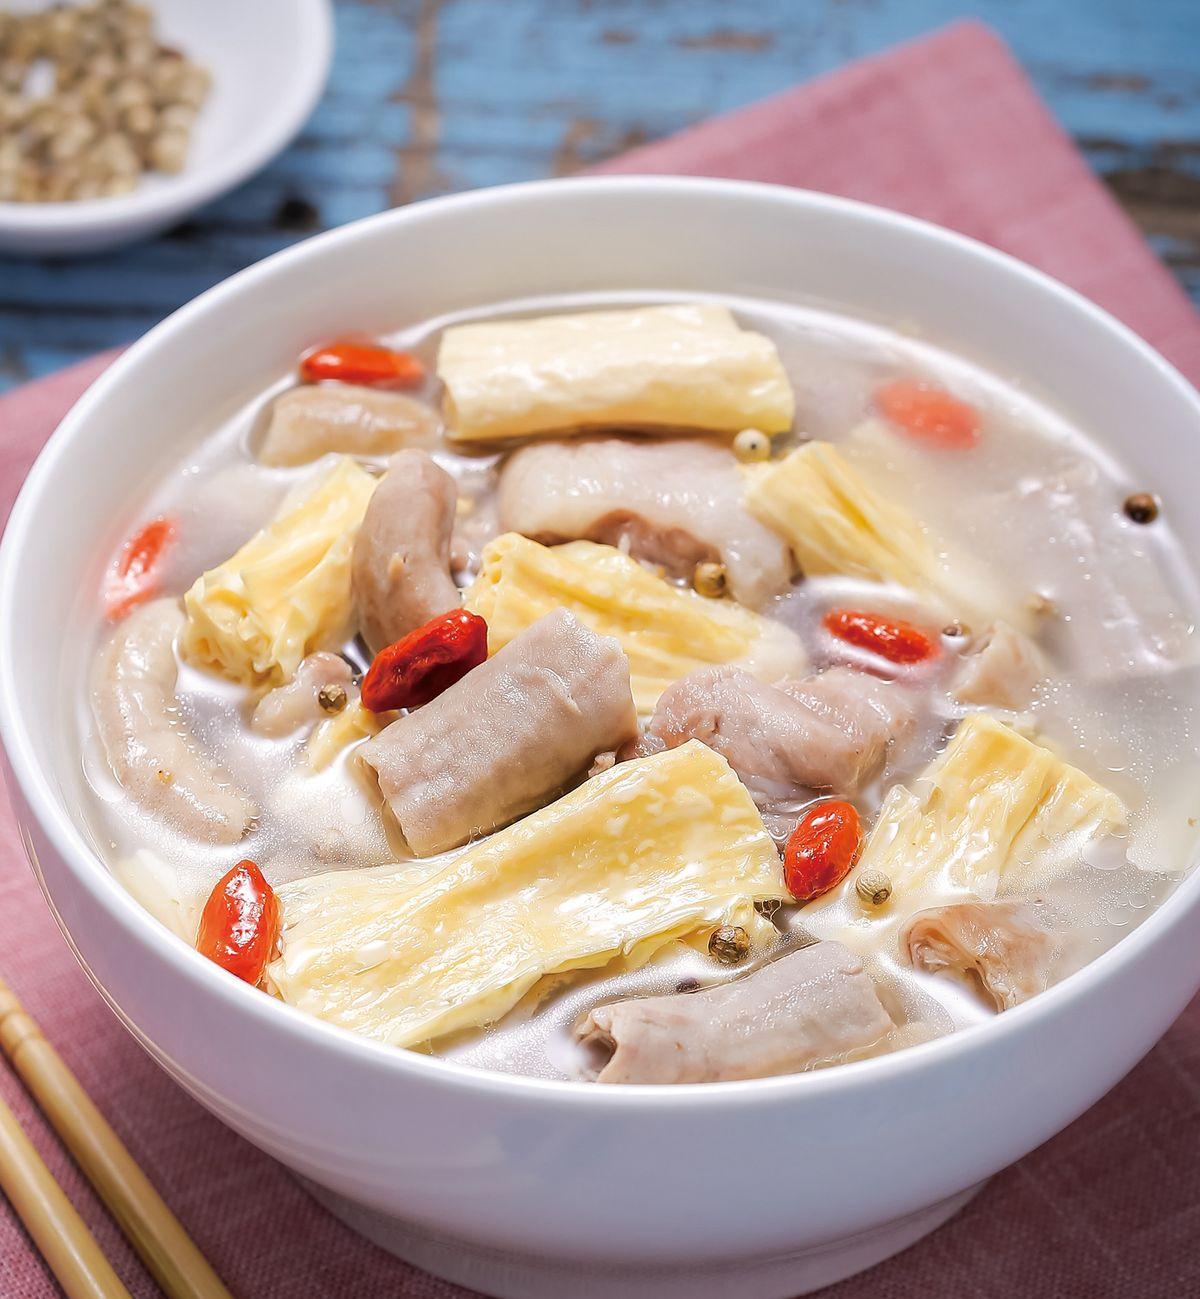 食譜:胡椒腐竹豬腸湯